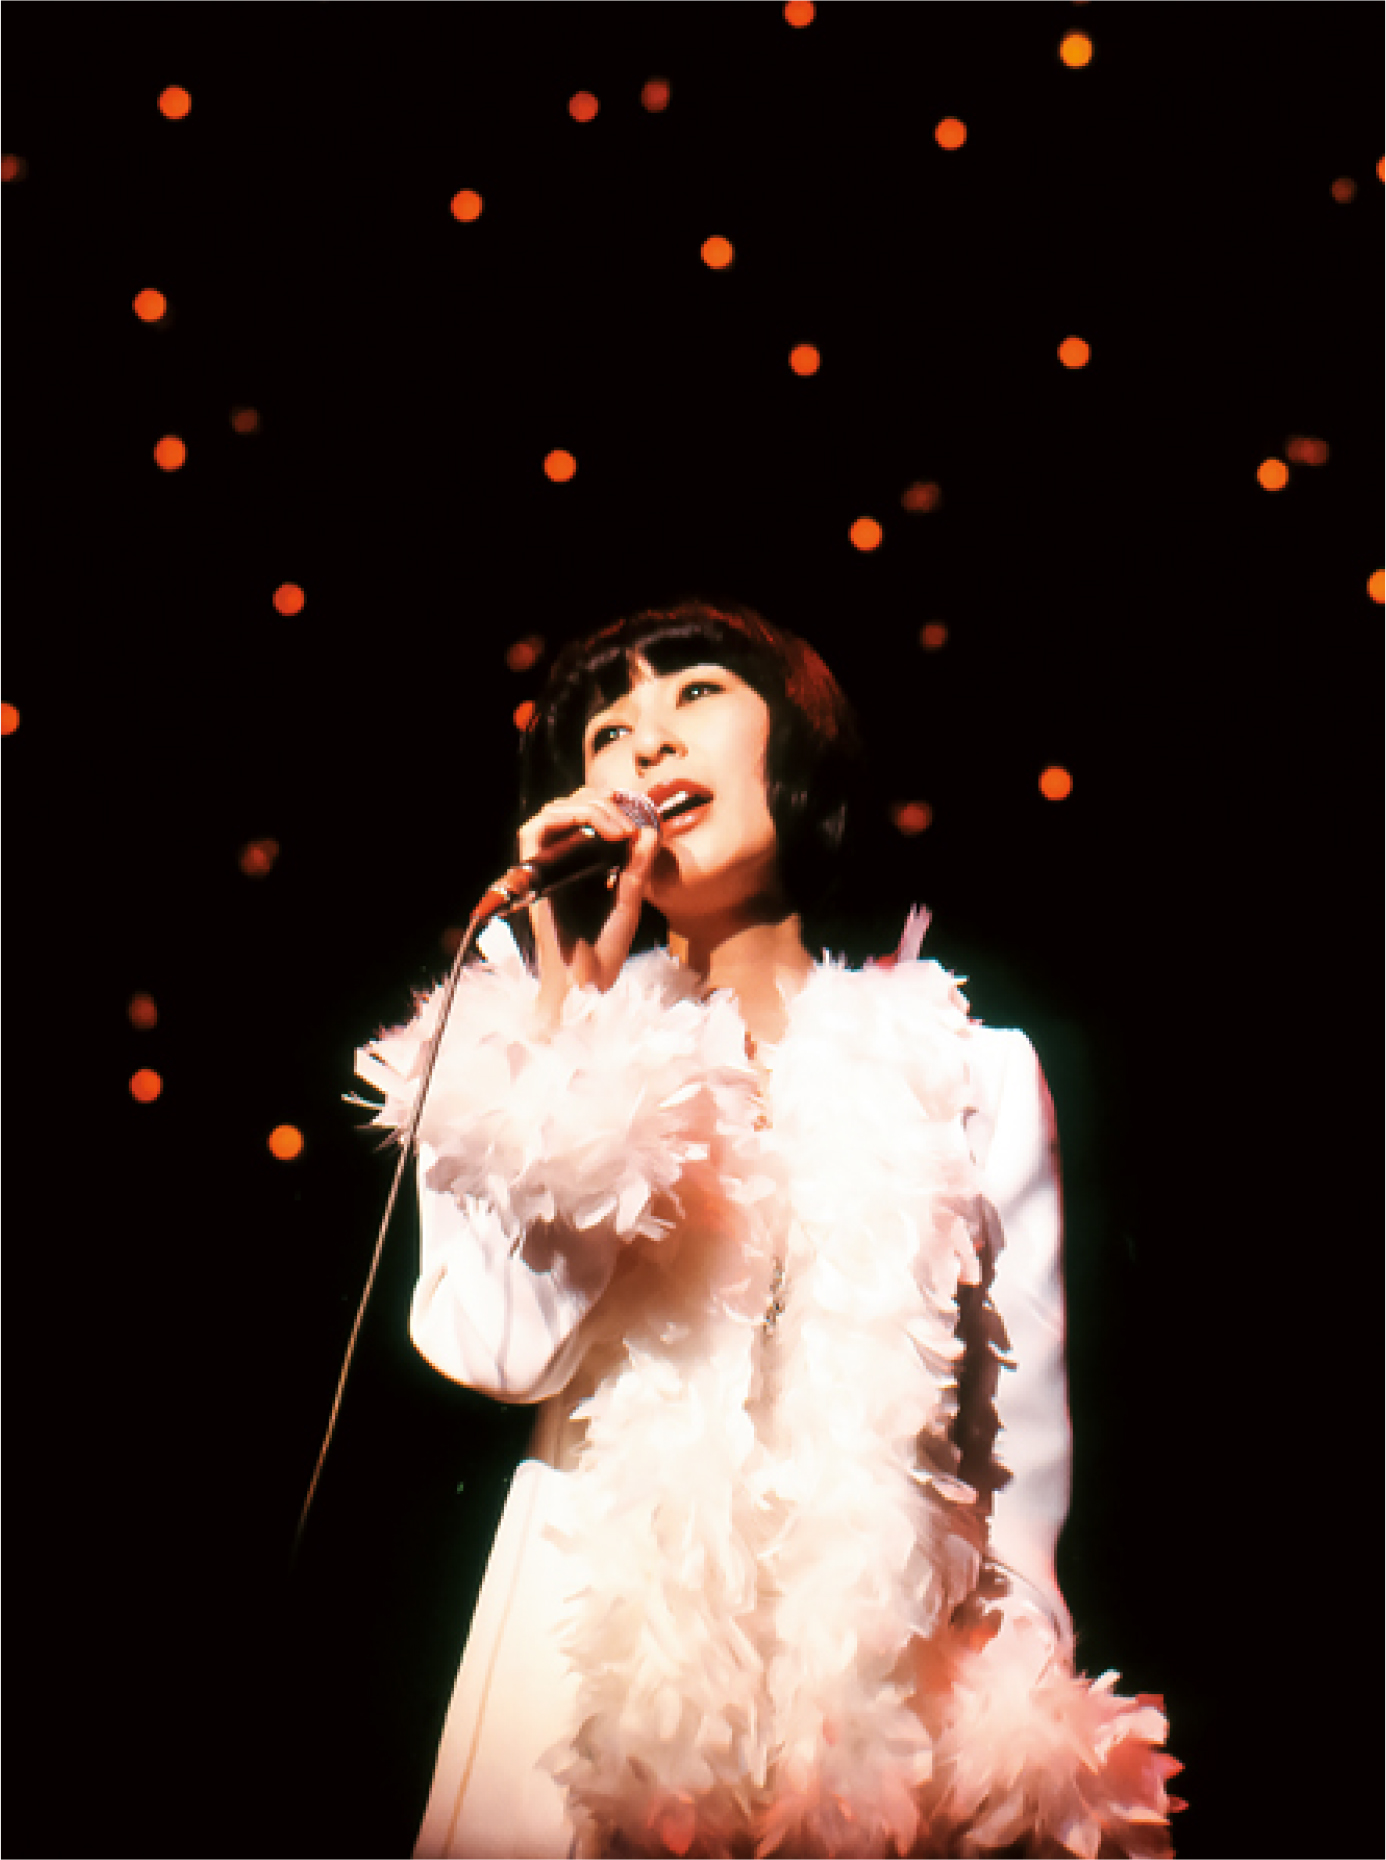 ダウンタウン松本も絶賛!宇多田ヒカルの母・藤圭子の圧倒的なステージの集大成作品が完成サムネイル画像